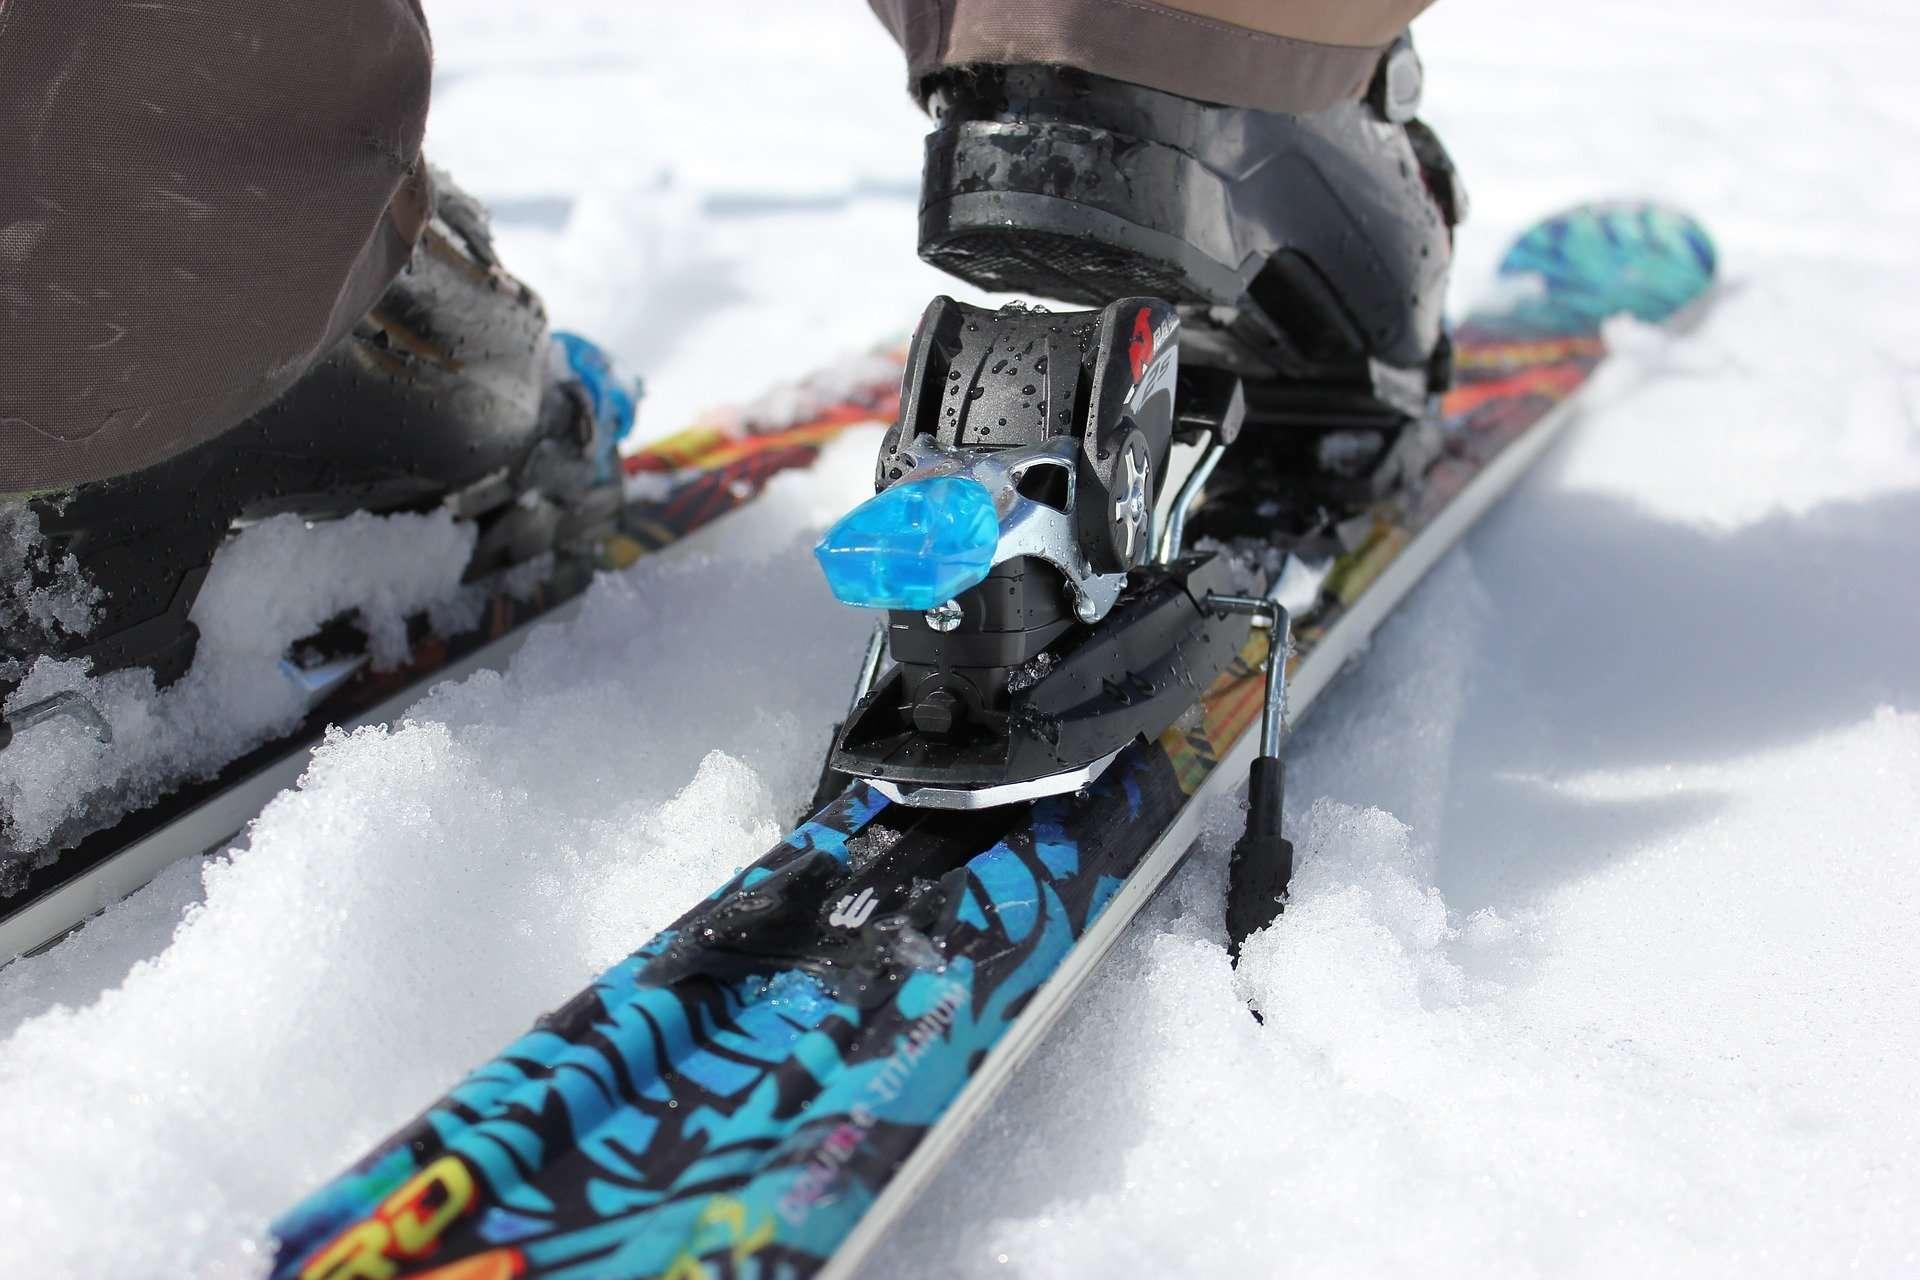 Skier locking into ski binding